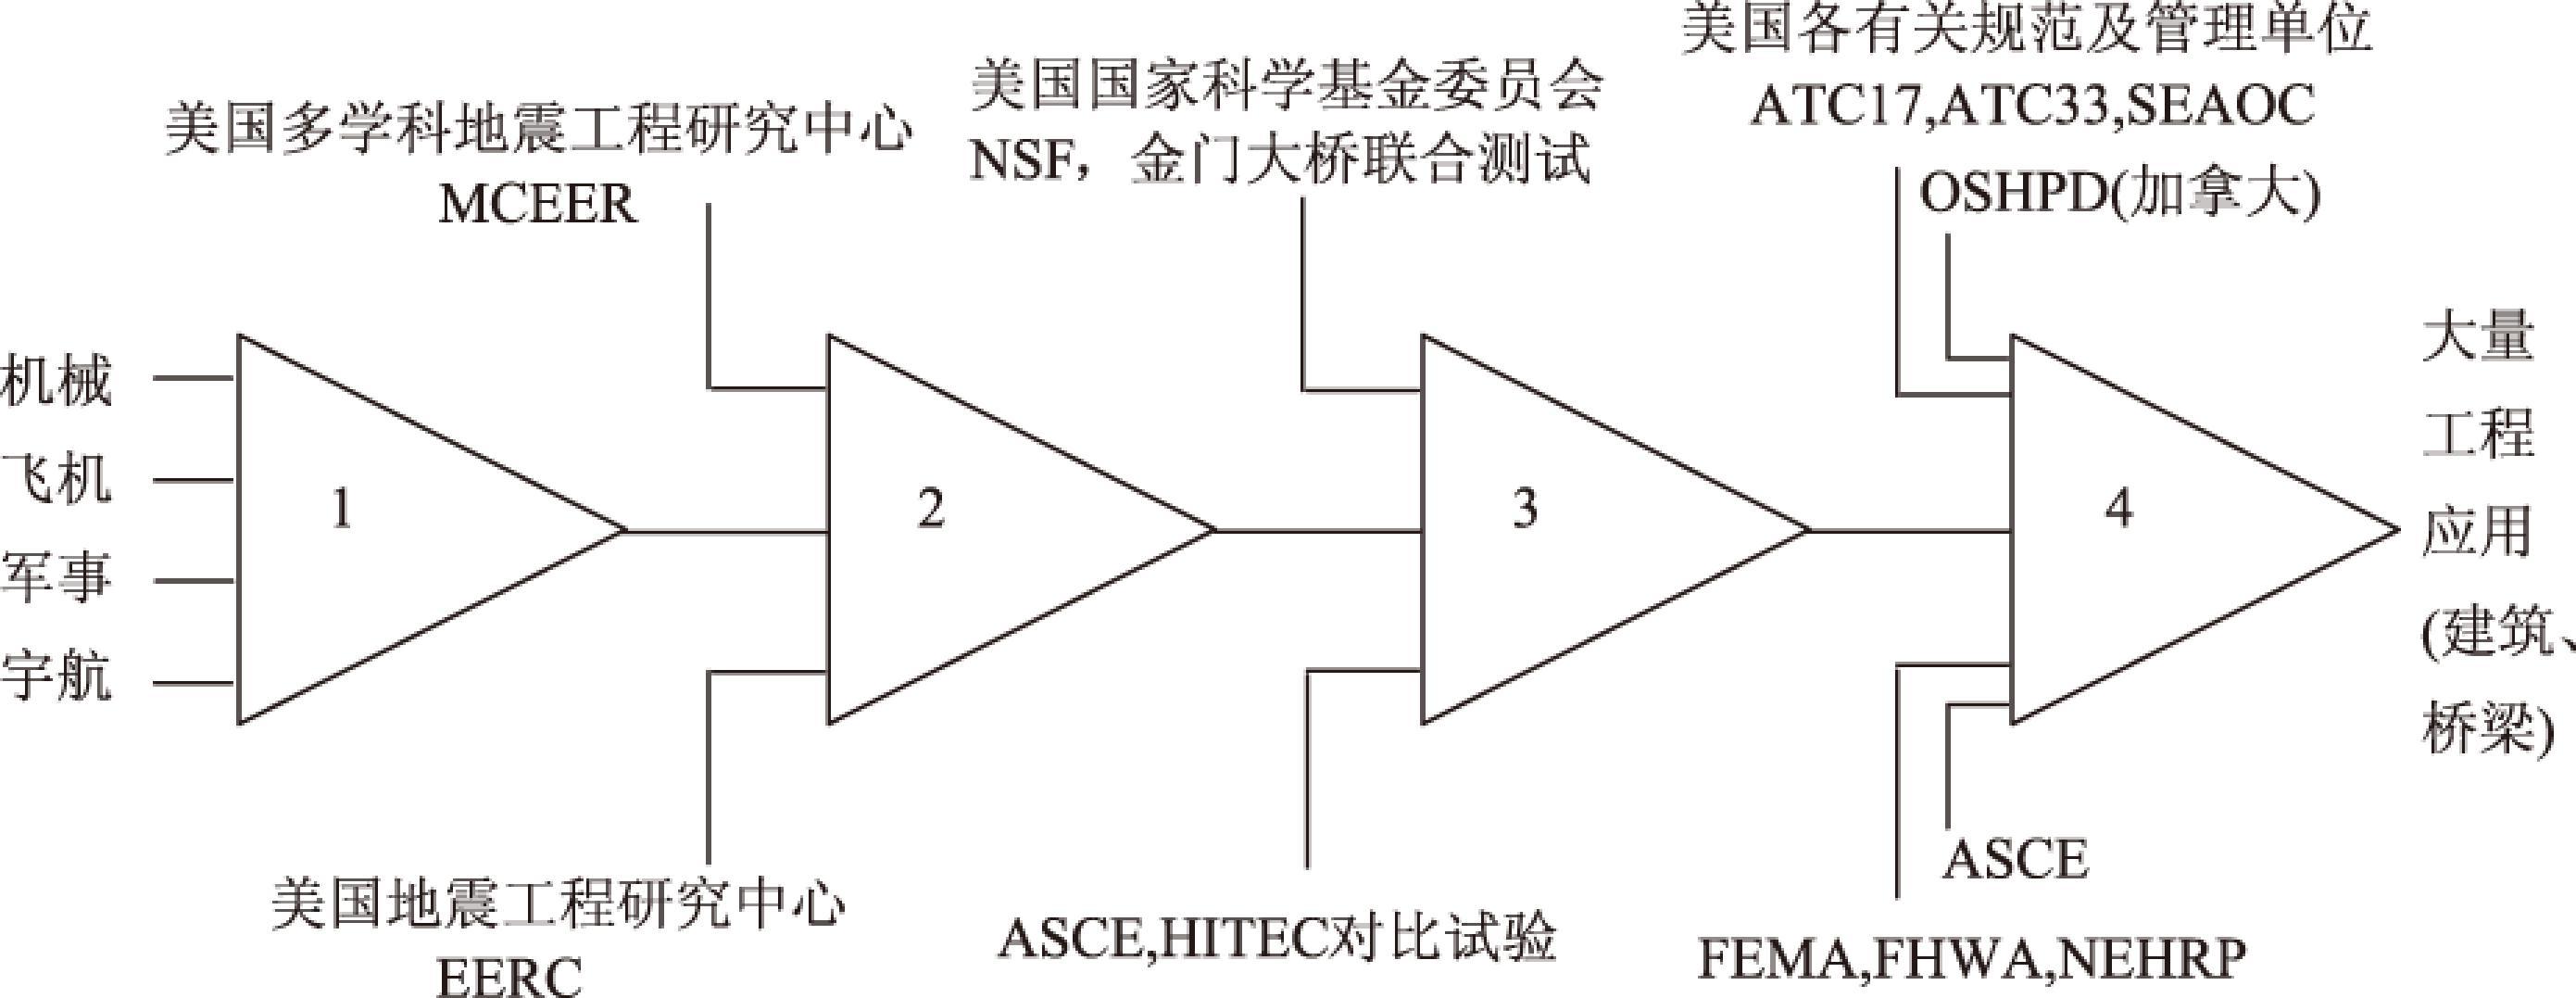 总结这些研究工作,黏滞阻尼器应用于建筑与桥梁结构的发展过程[5]如